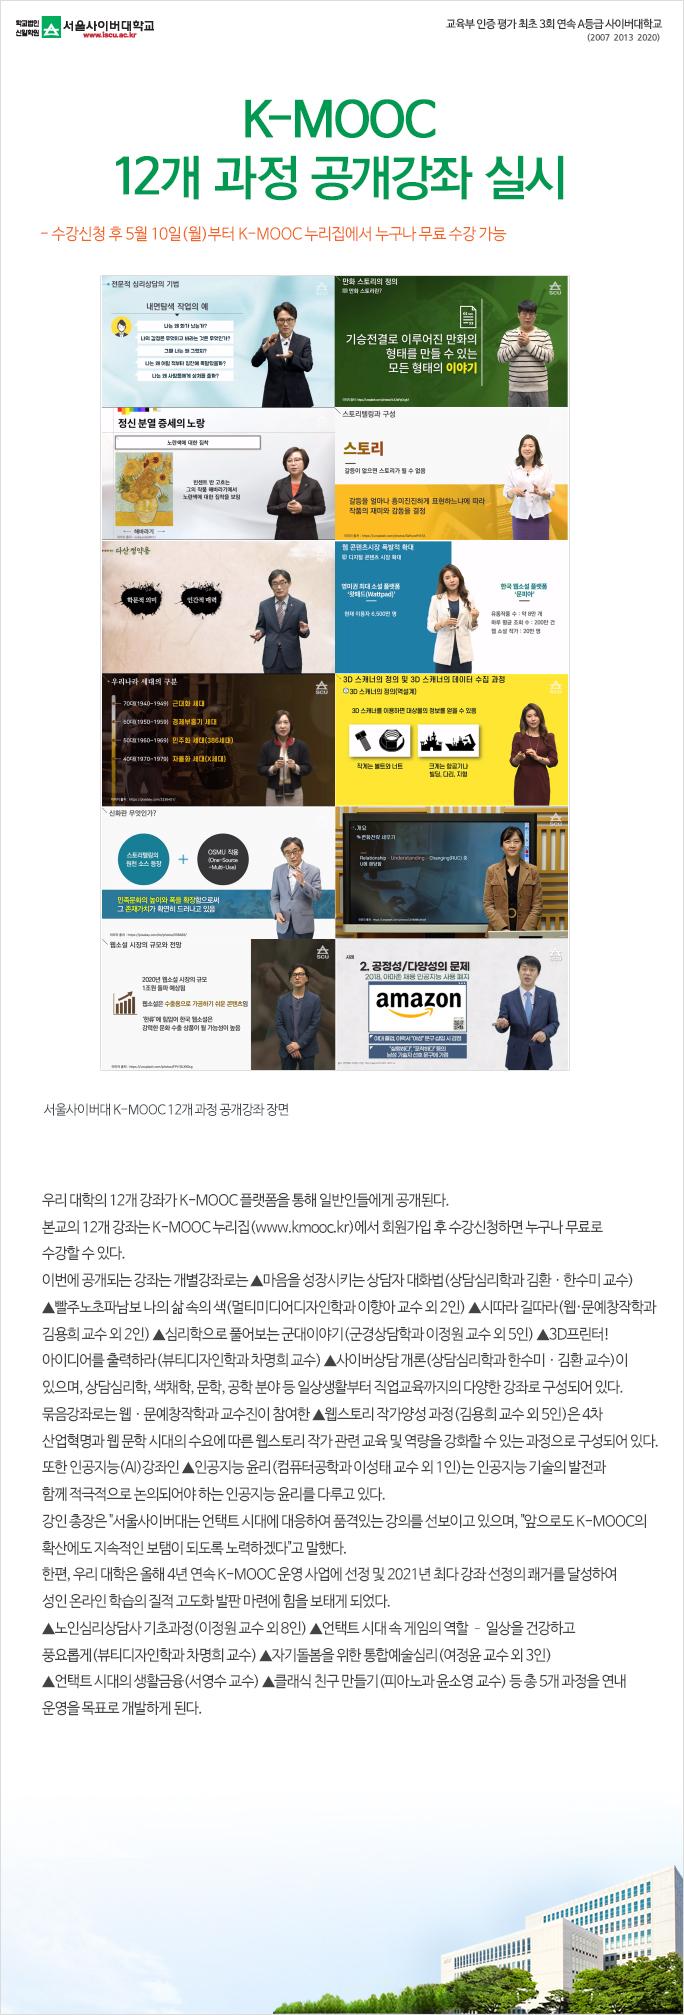 서울사이버대, K-MOOC 12개 과정 공개강좌 실시(이미지용약내용 다음참조)